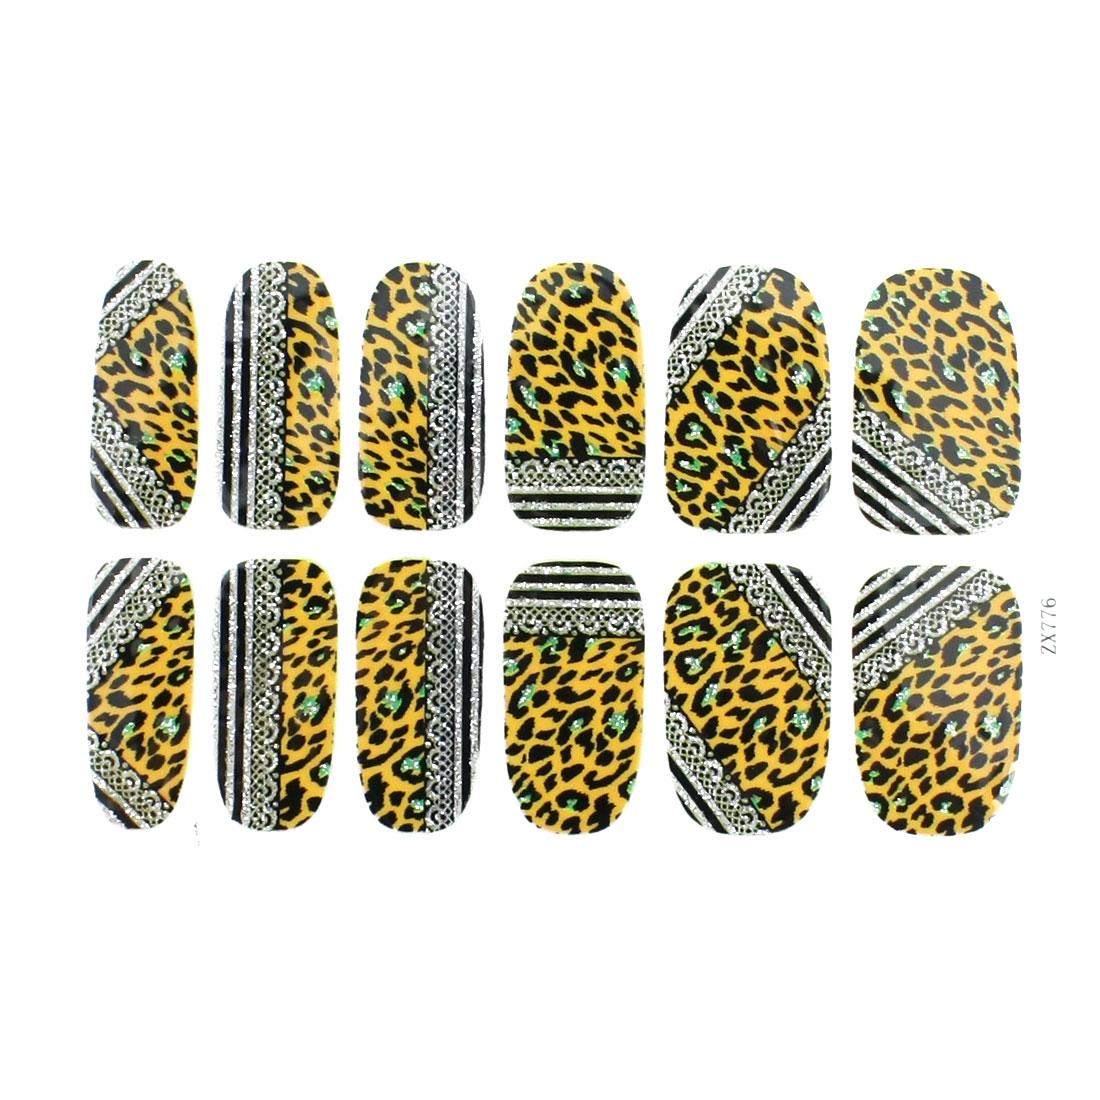 Glittering Leopard Print Nail Art Stickers Tip Decortion 12 Pcs